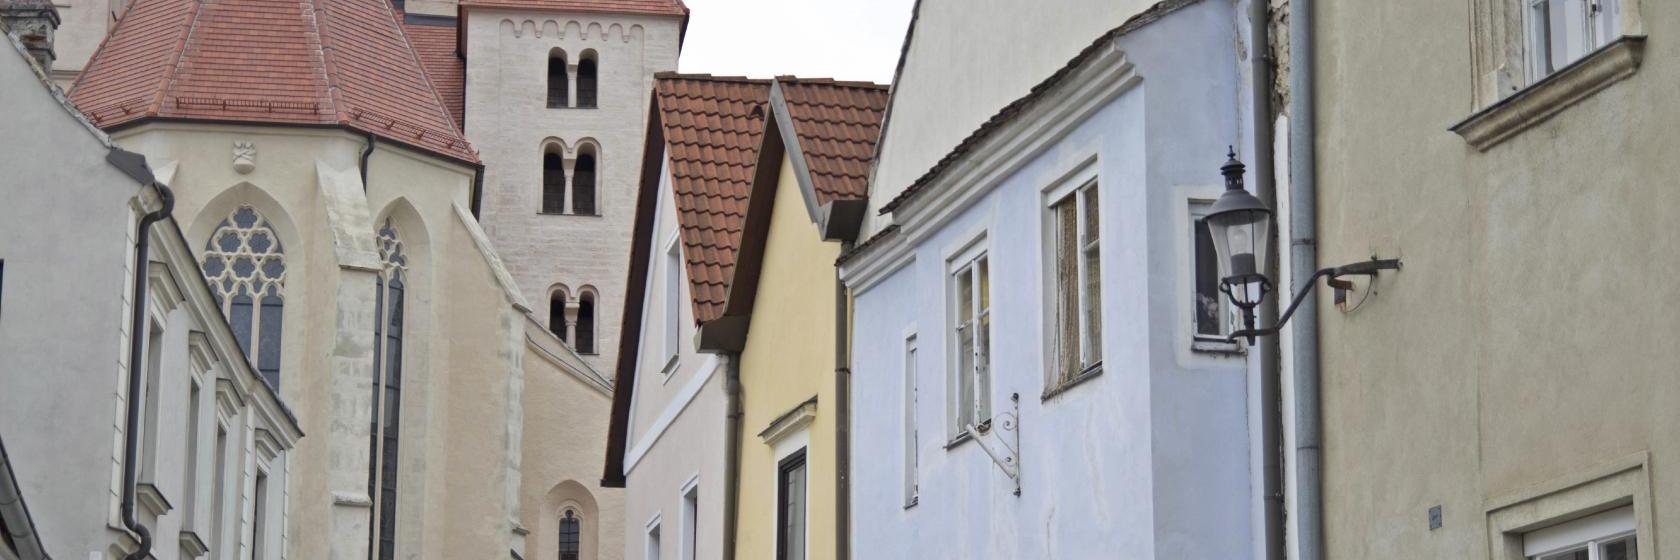 arboe-eggenburg - ARB Eggenburg - VW Kfertreffen